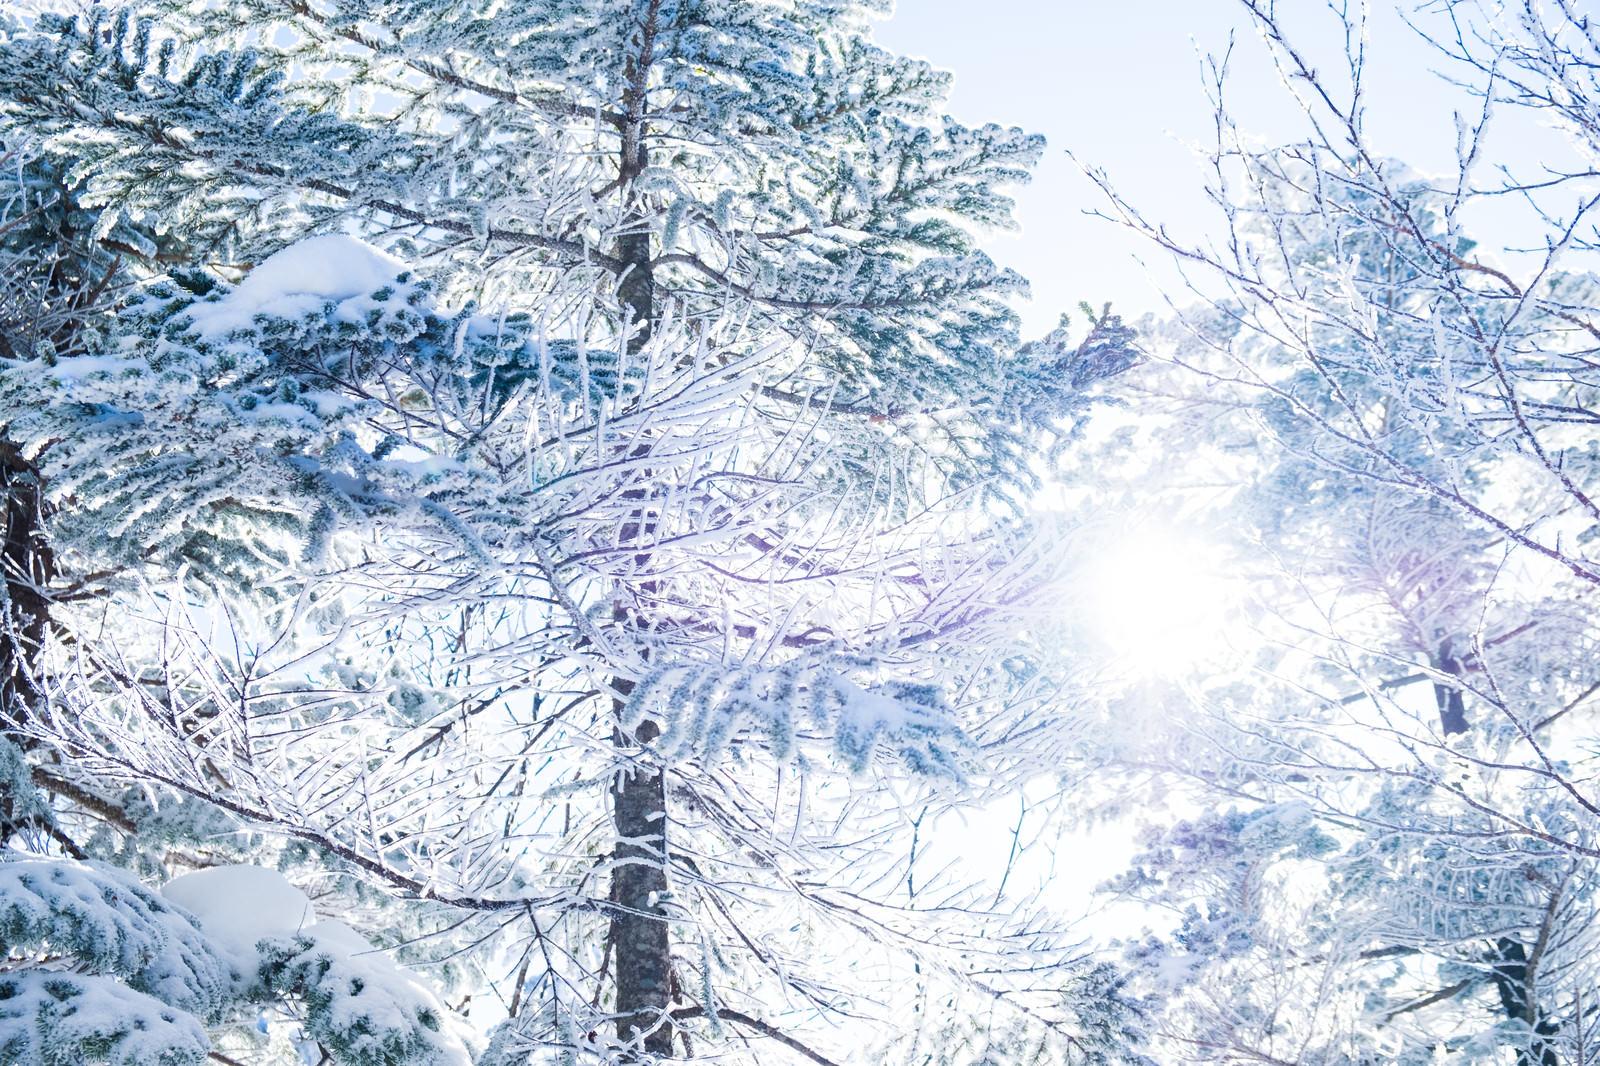 「霧氷の間から差し込む朝日」の写真